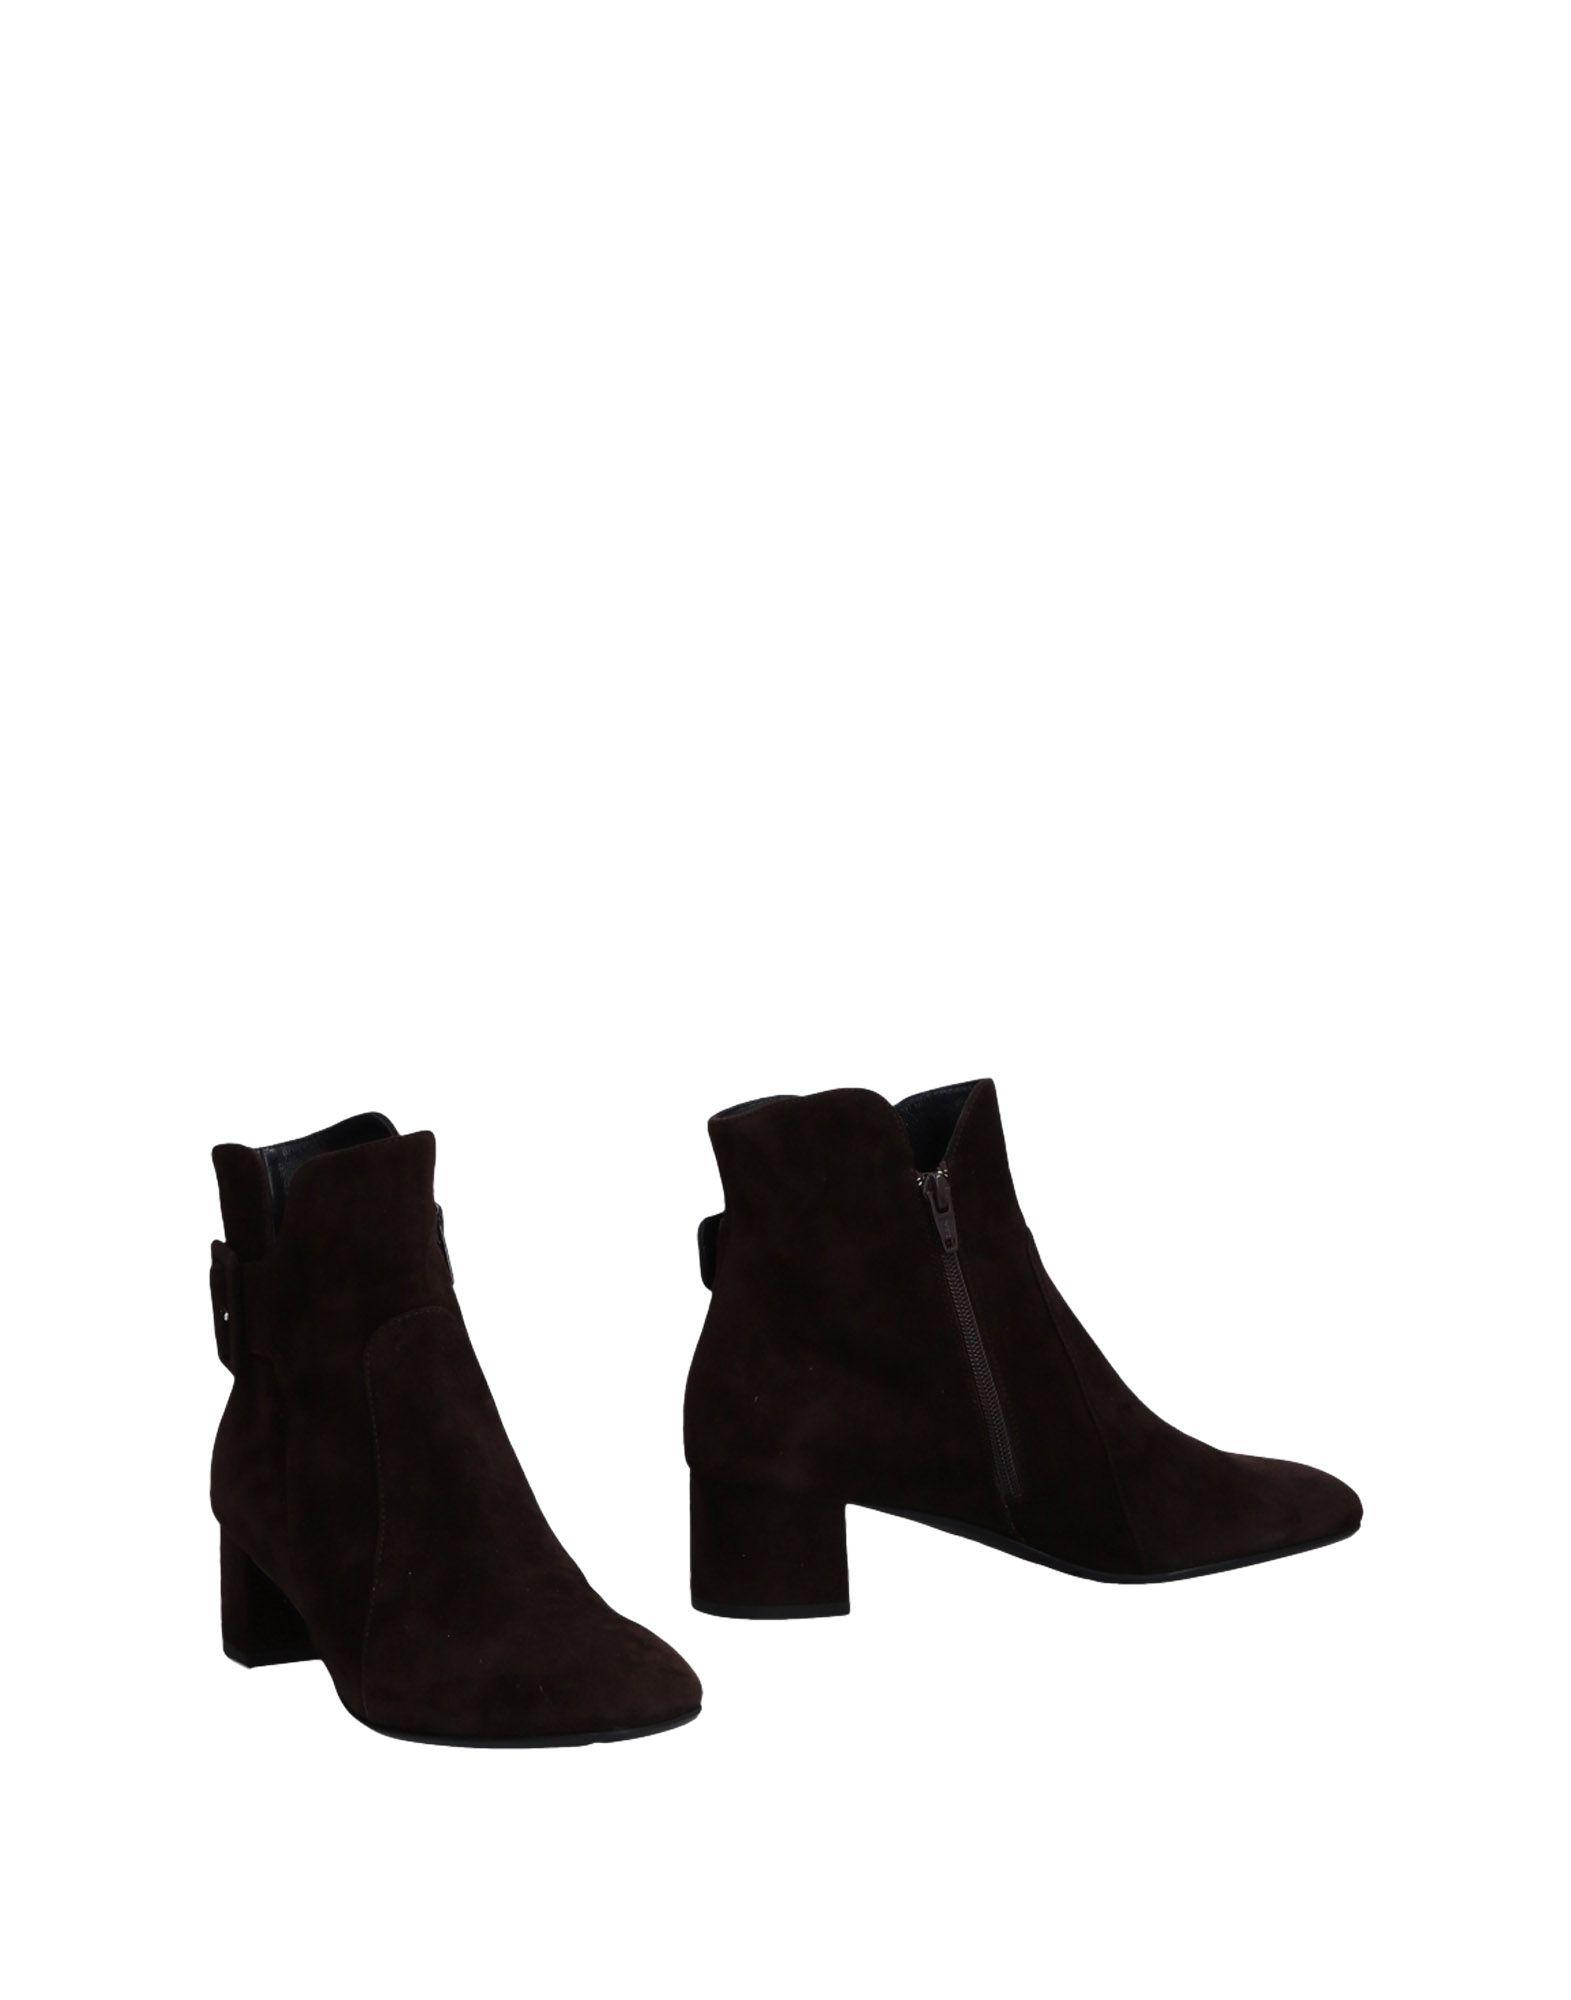 Chaussures - Bottines En Cuir La Cour Par Franco Ballin OOi791hD